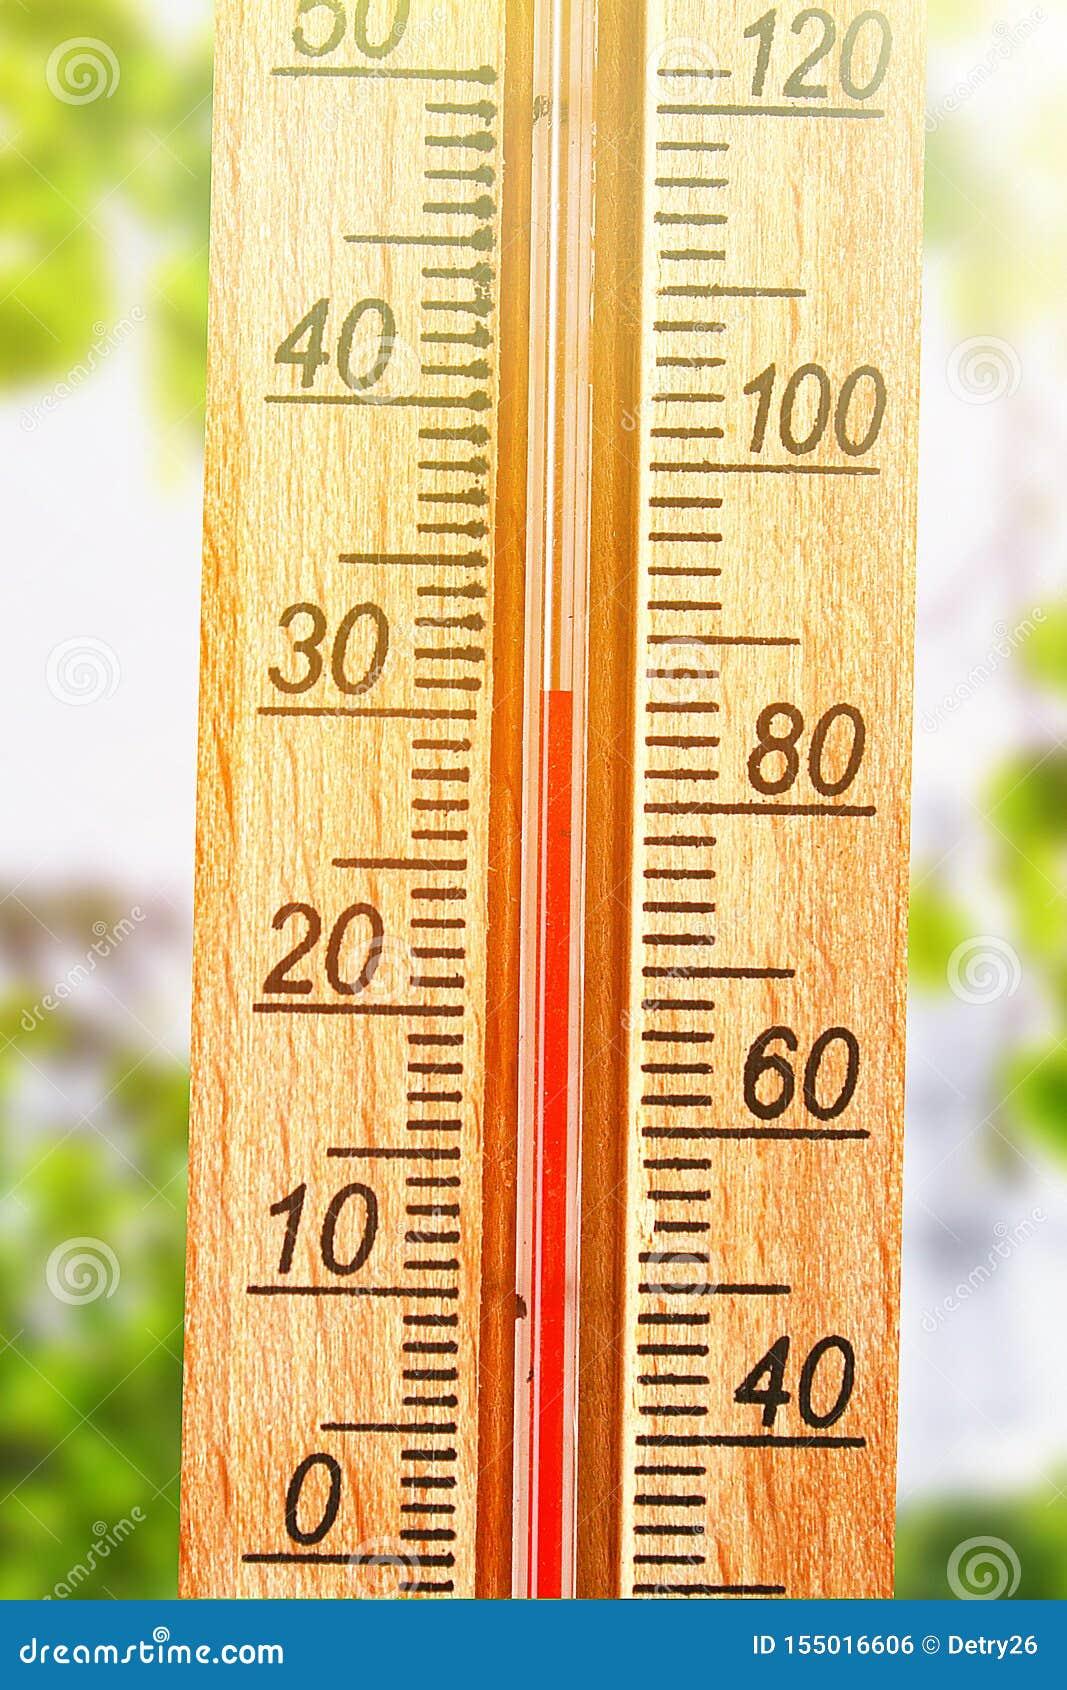 Termometer Som Visar H?jdpunkt 30 Grad Varma Temperaturer I